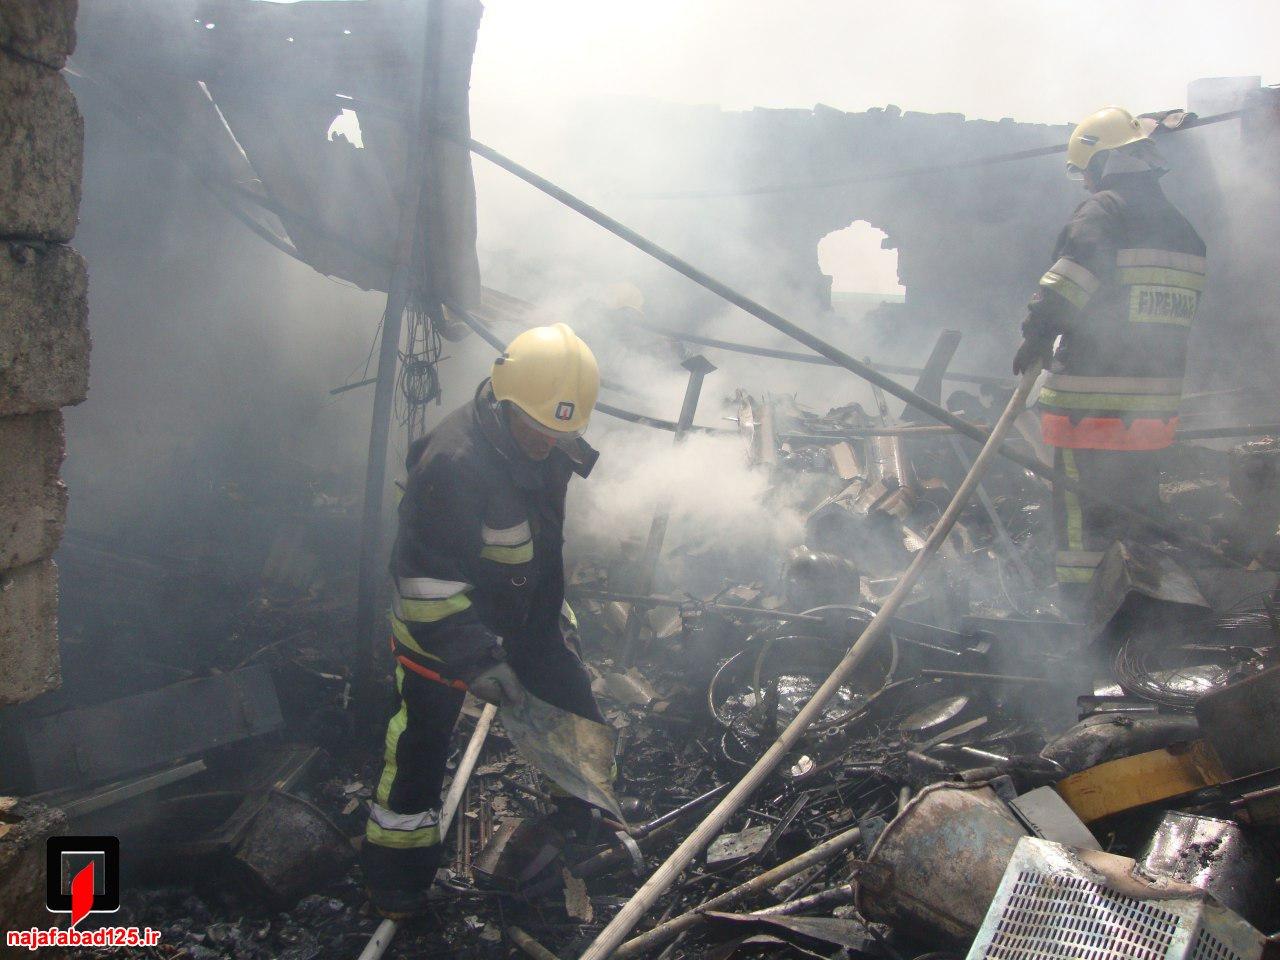 آتش سوزی انبار ضایعات در نجف آباد+تصاویر آتش سوزی انبار ضایعات در نجف آباد+تصاویر آتش سوزی انبار ضایعات در نجف آباد+تصاویر                                              2